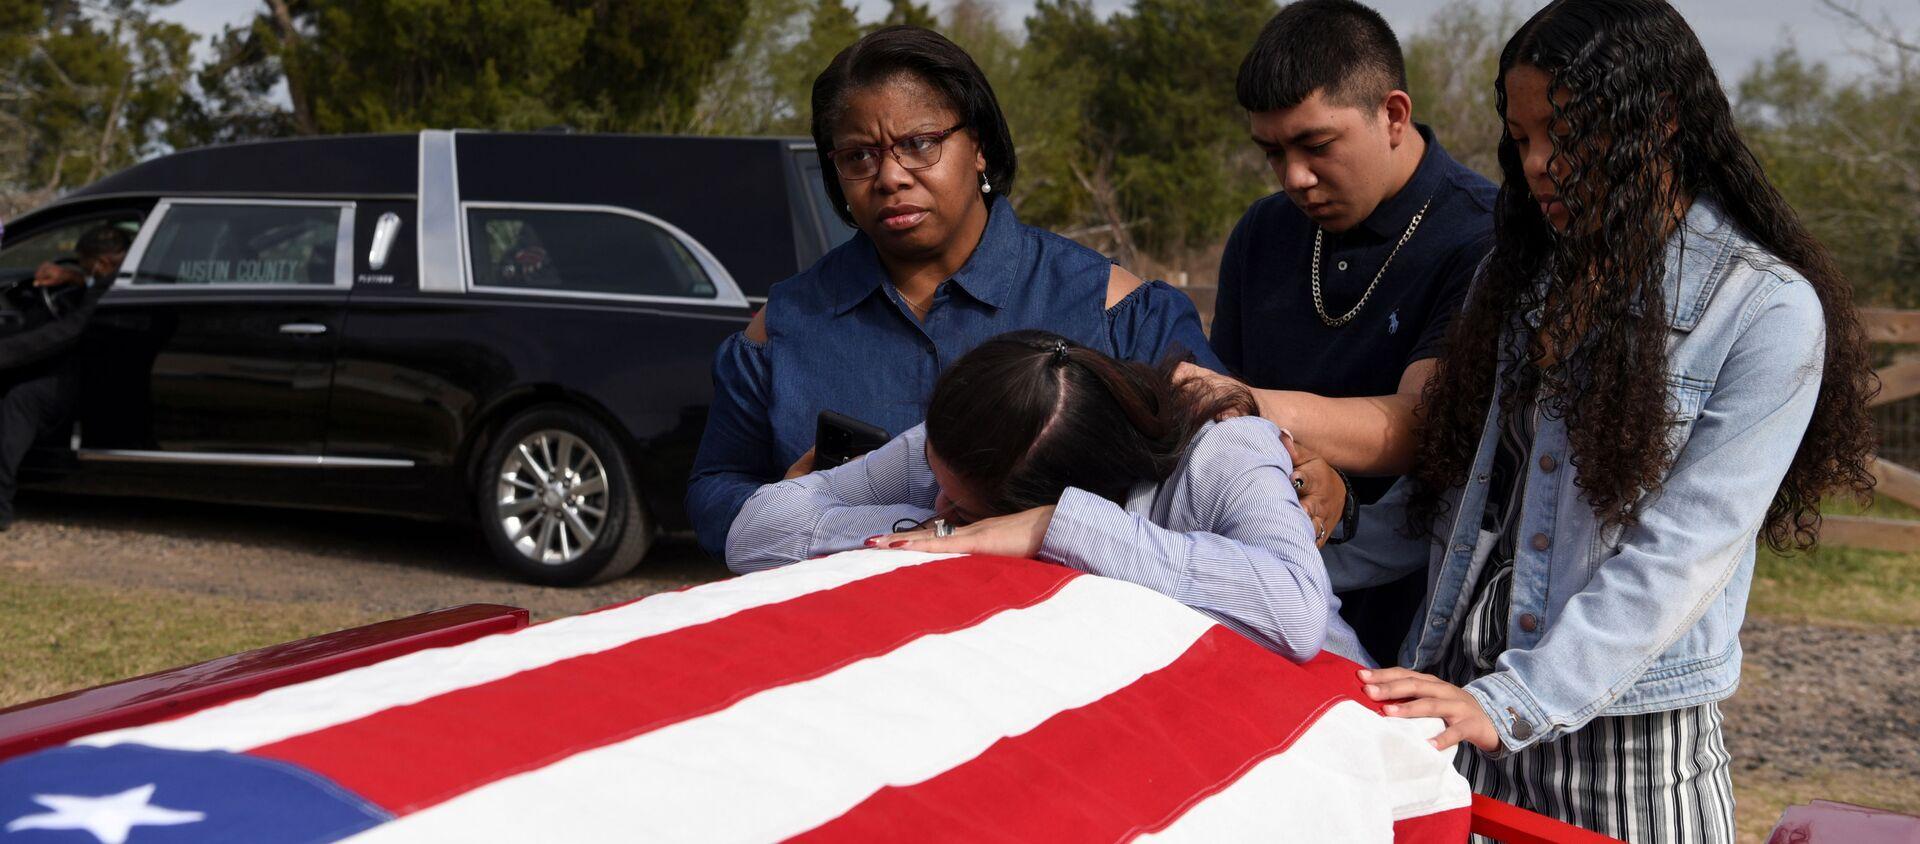 Đám tang một người chết vì COVID-19 ở San Felipe, Texas, Mỹ. - Sputnik Việt Nam, 1920, 15.03.2021